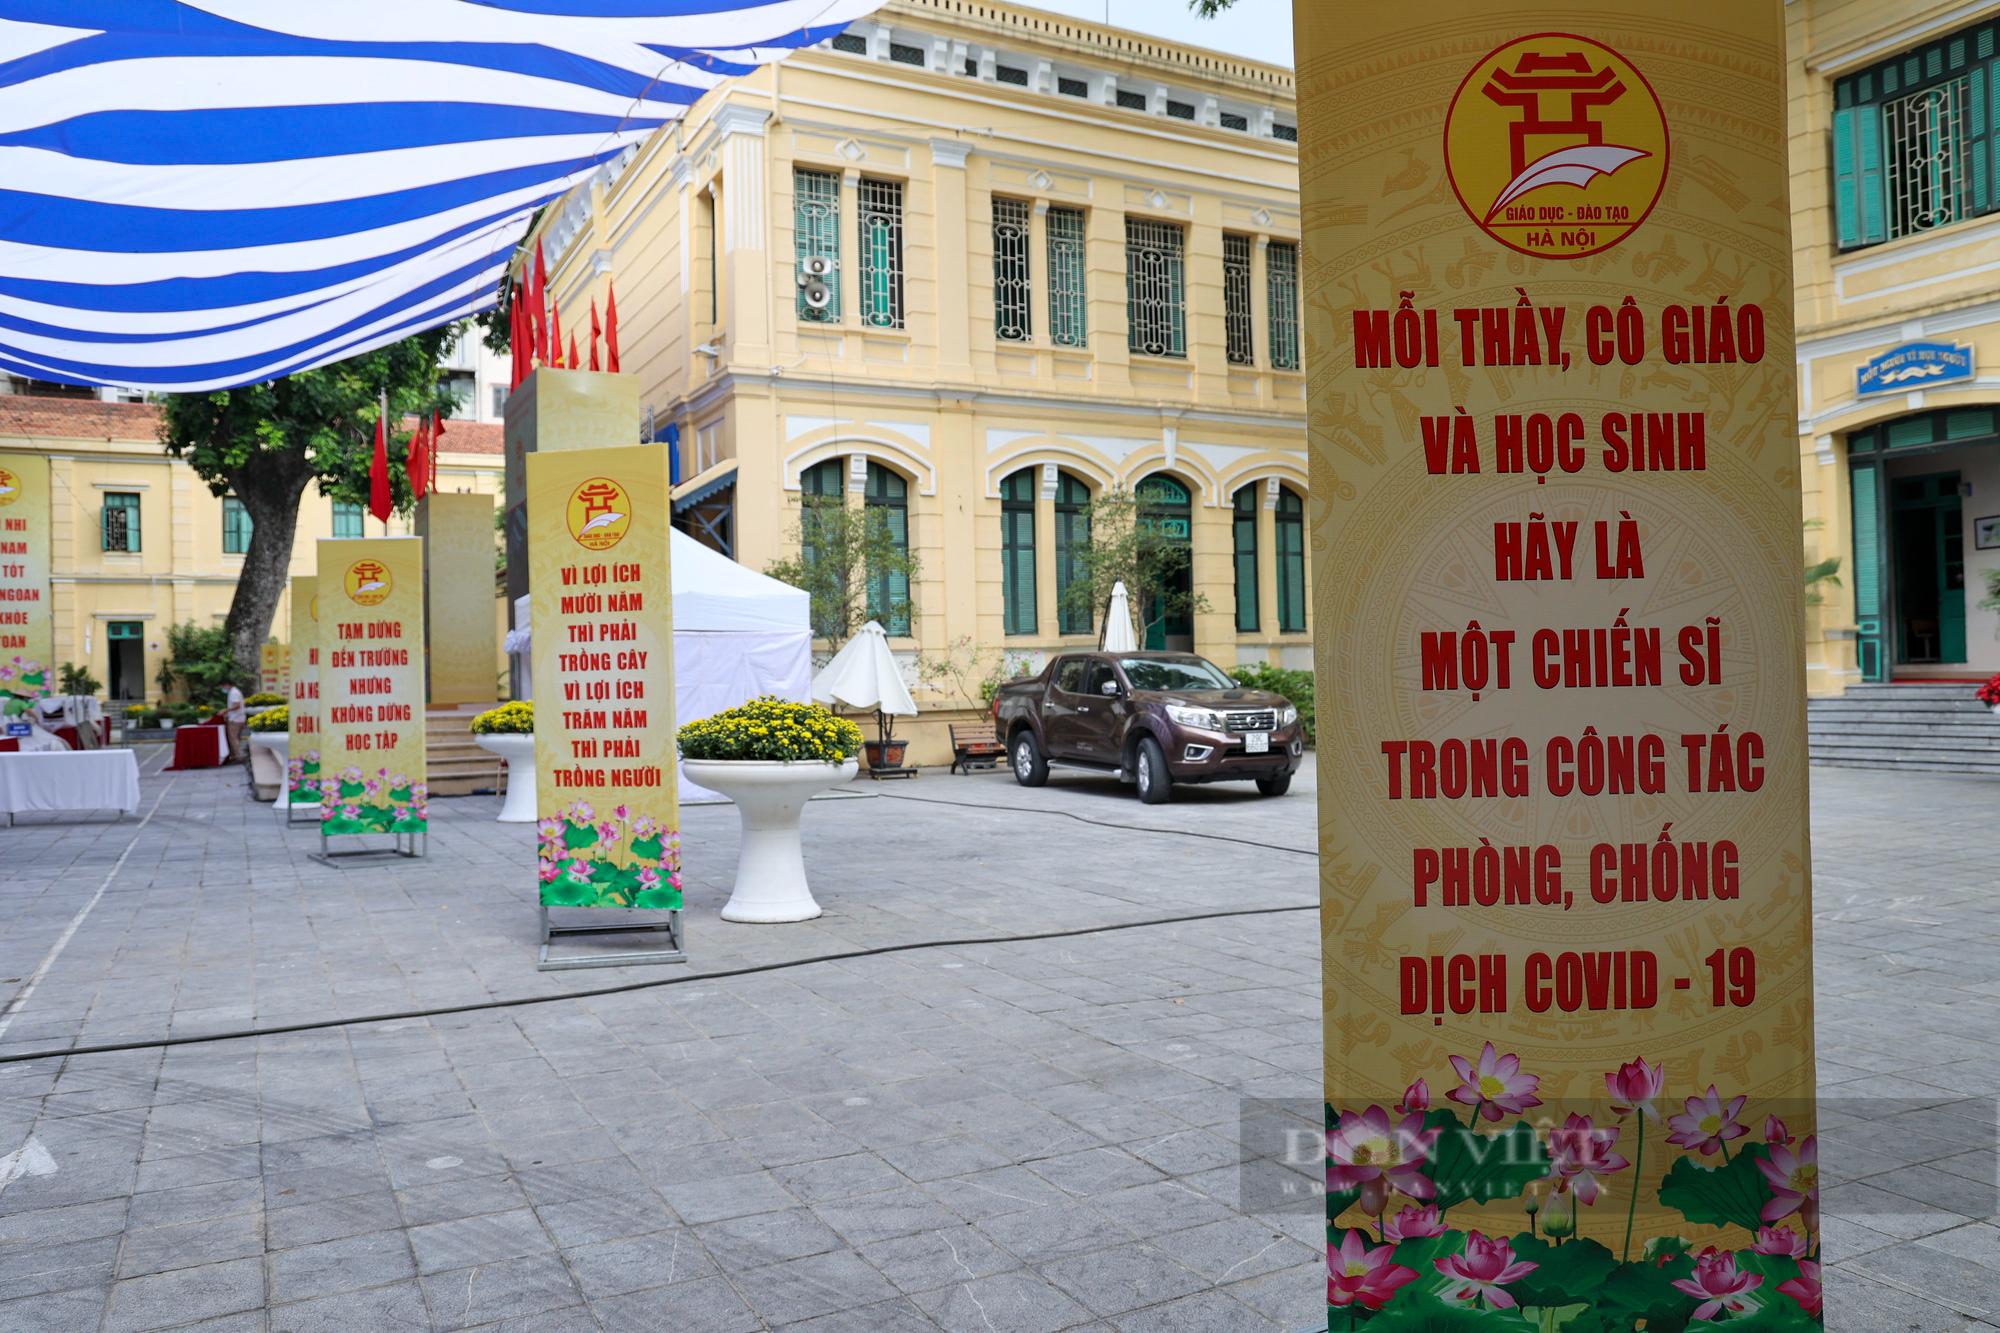 Hà Nội: Gấp rút chuẩn bị cho Lễ khai giảng online đặc biệt của Thủ đô - Ảnh 4.